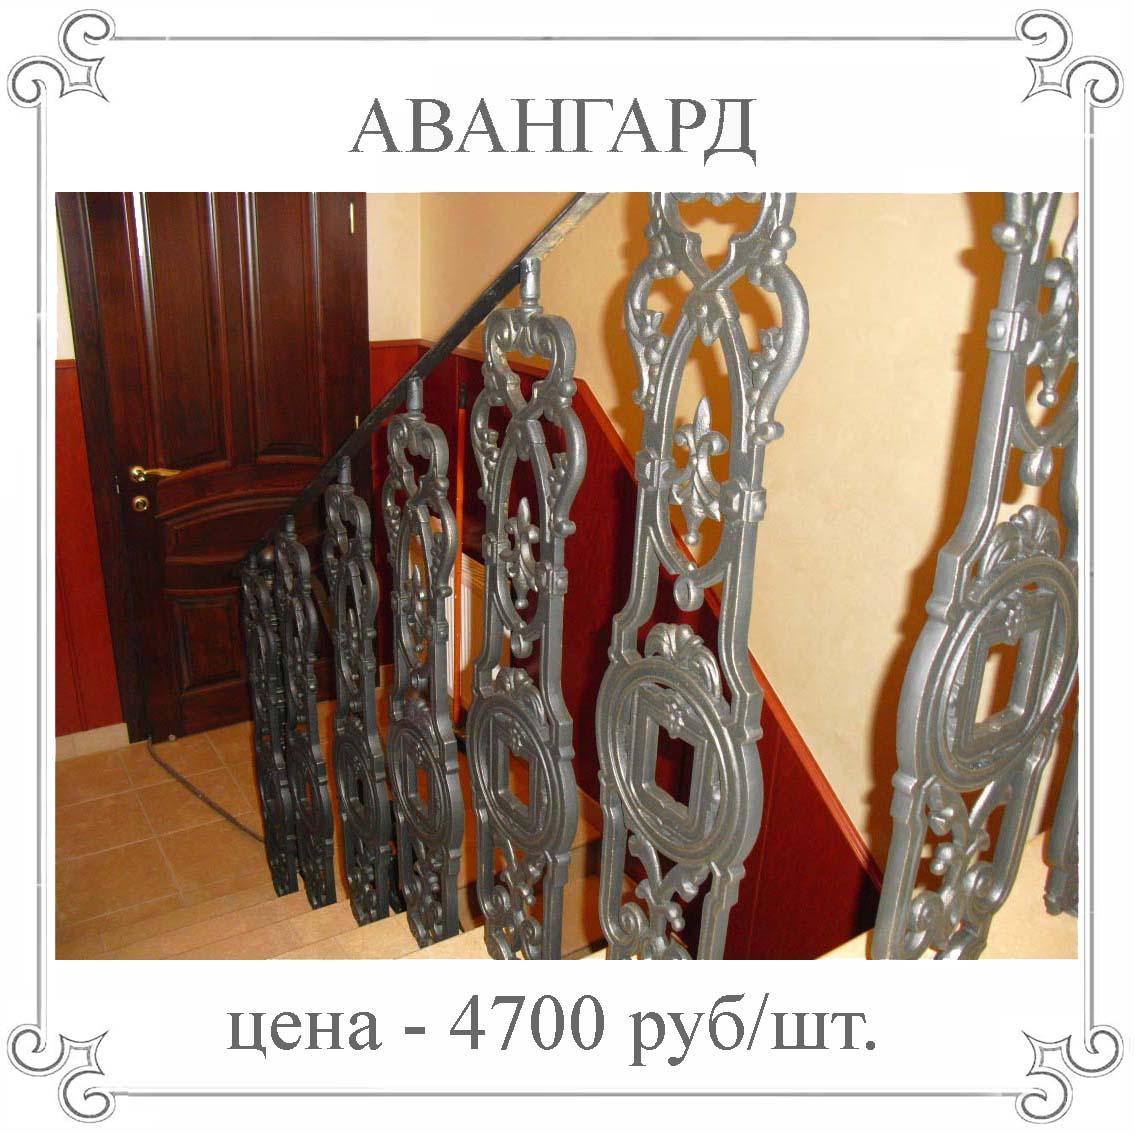 Балясины деревянные в Санкт-Петербурге - купить